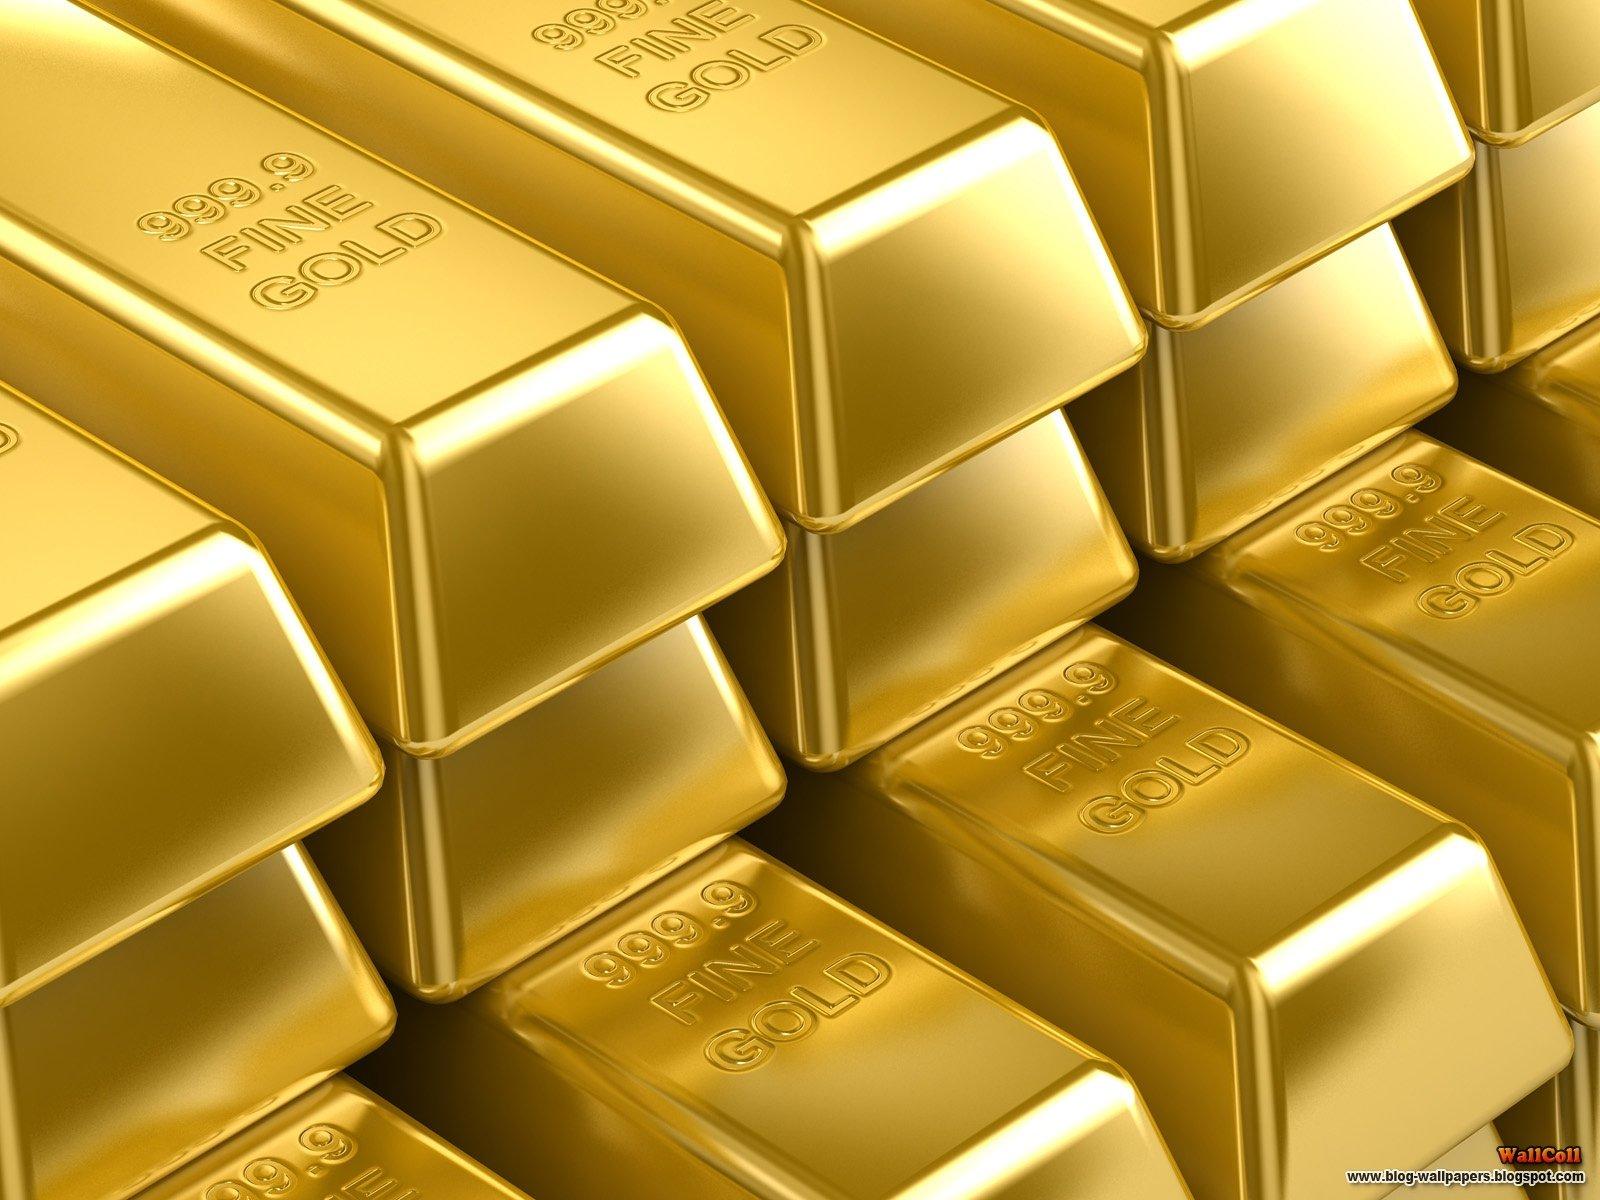 золотые слитки, скачать фото, gold wallpaper, золото